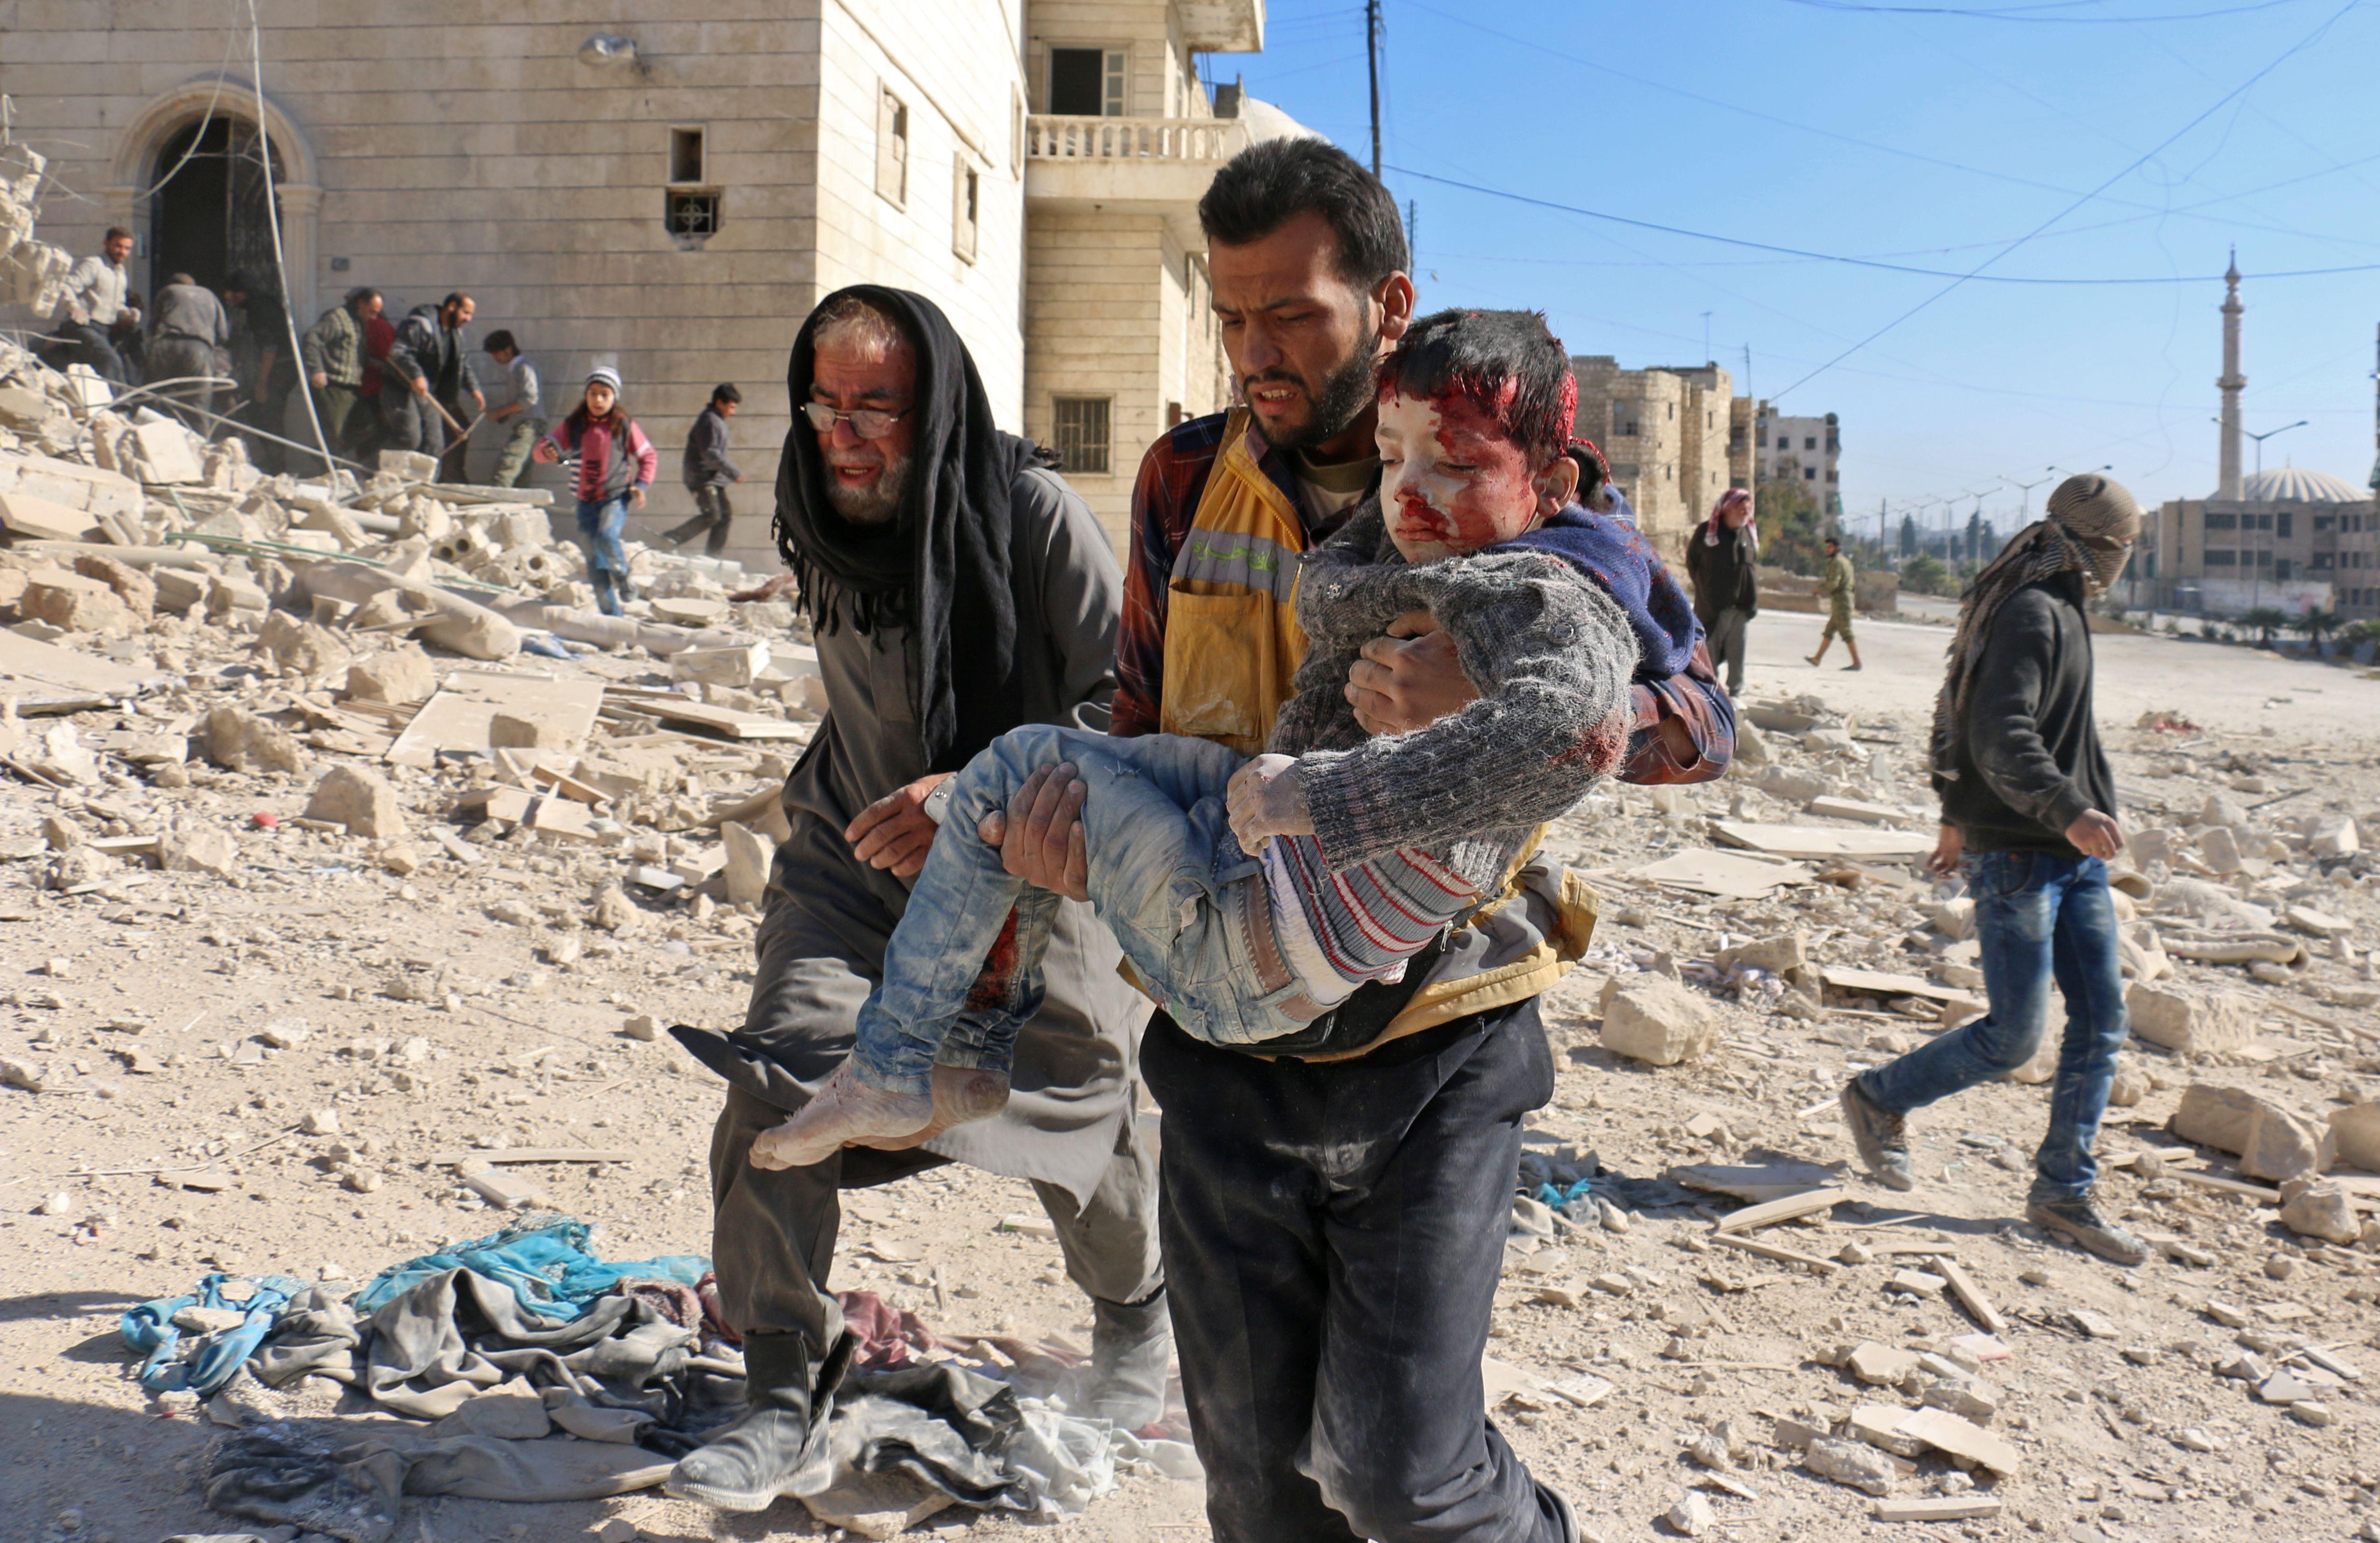 Folyamatosan bombázzák Aleppót, sok a civil áldozat